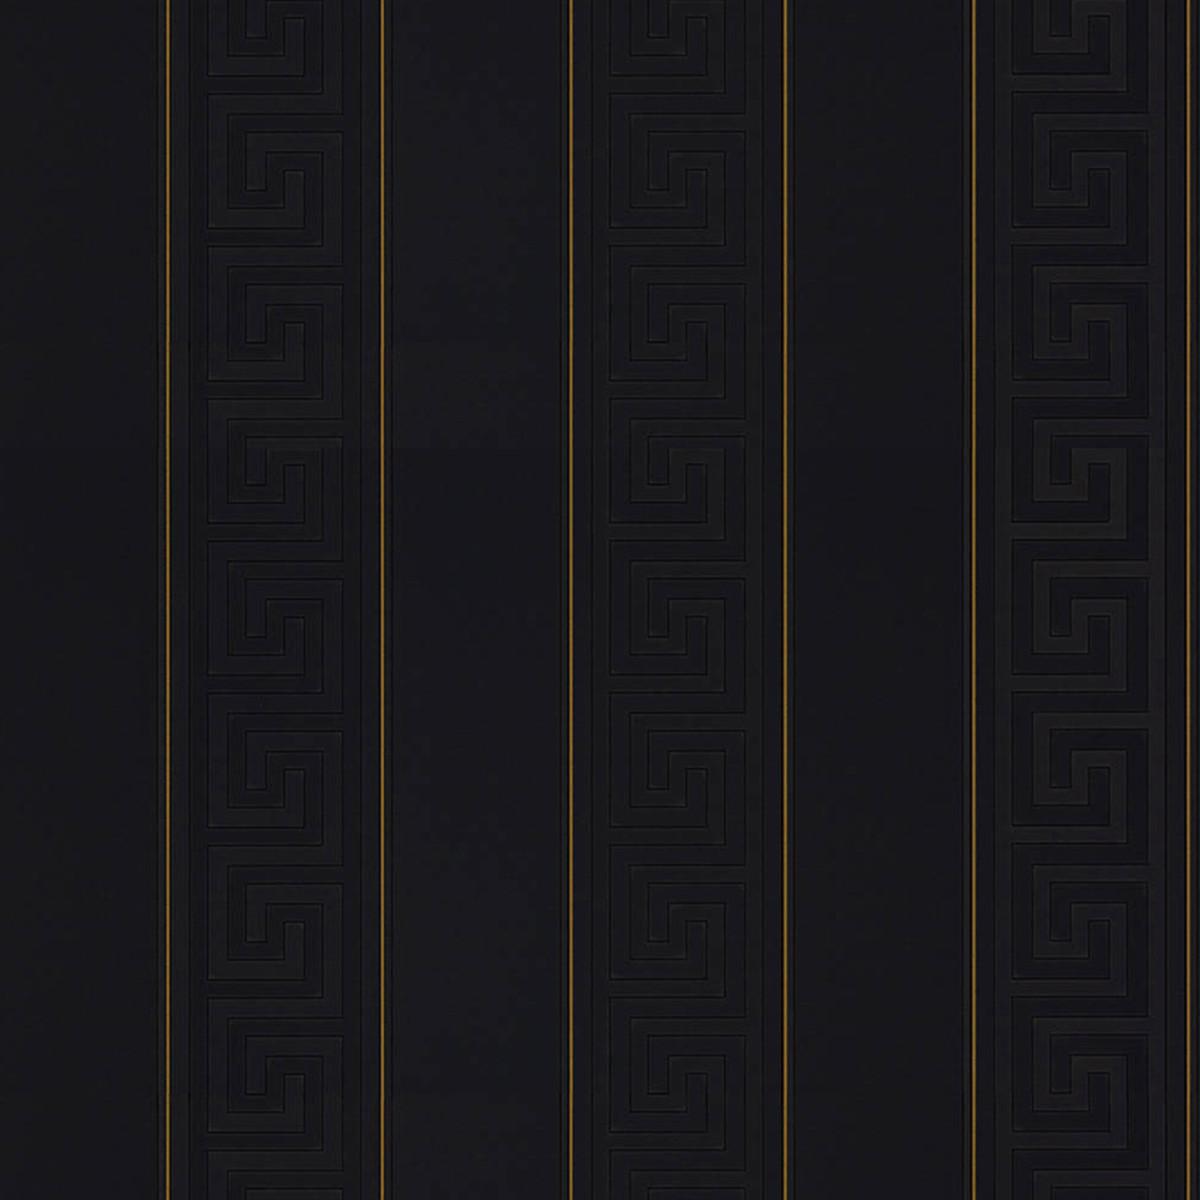 Обои флизелиновые A.S. Creation Versace черные 1.06 м 93524-4